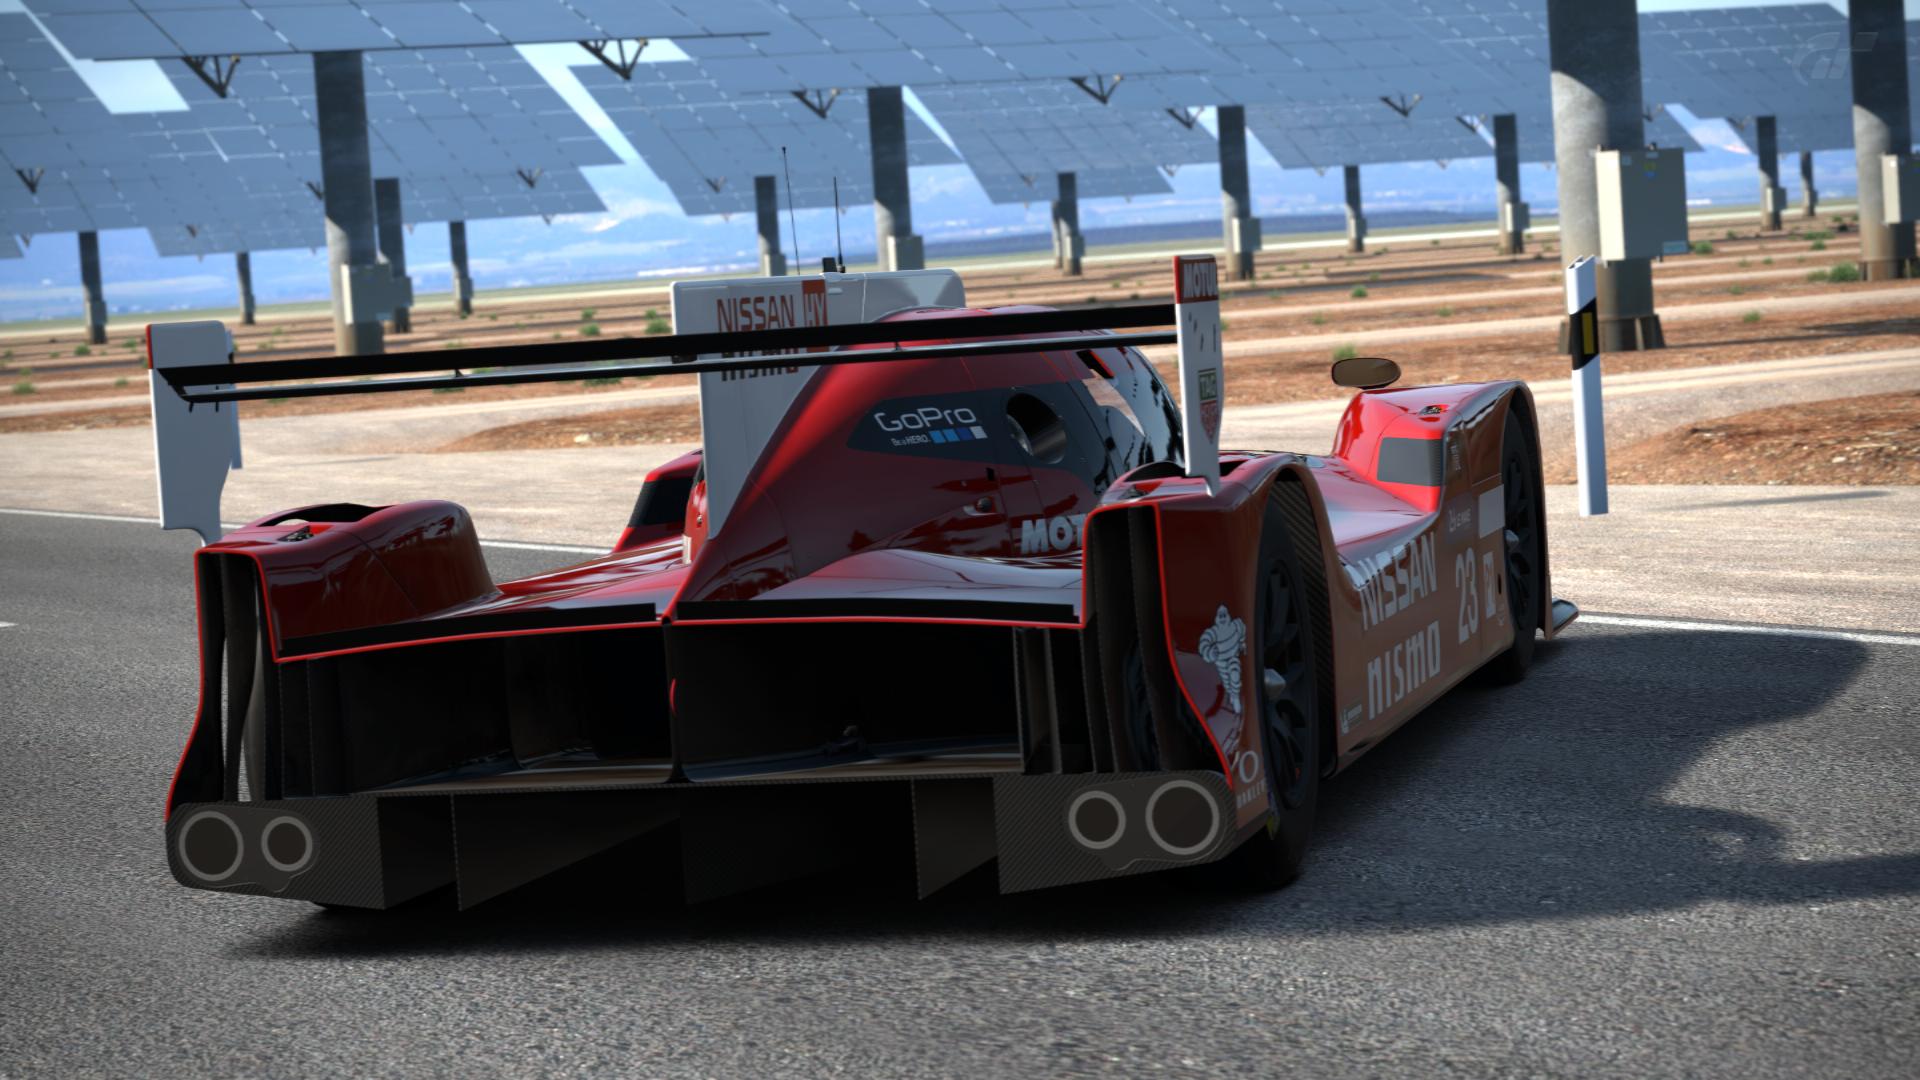 gran turismo 6 update brings nissan gt r lm nismo inside sim racing update brings nissan gt r lm nismo